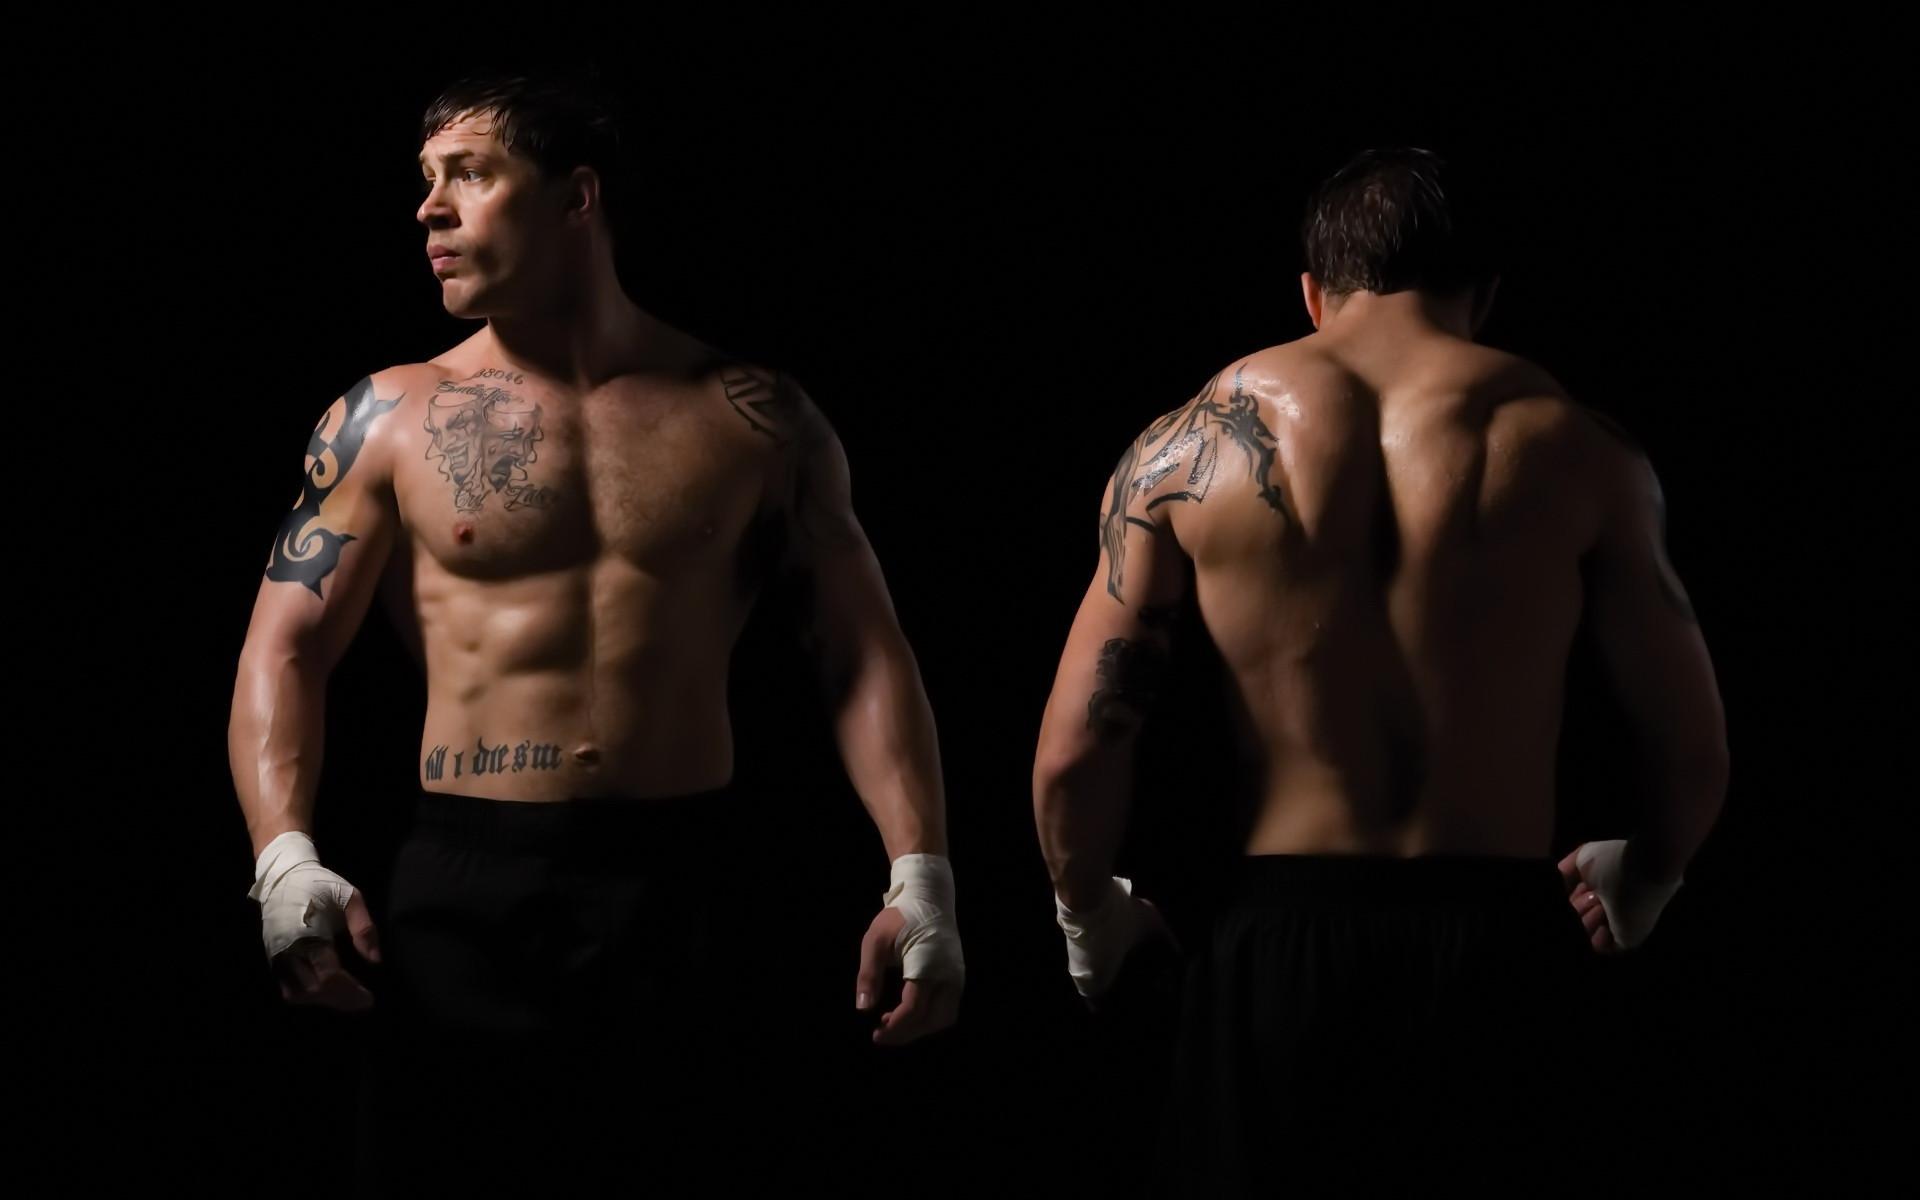 Актер Том Харди за 4 месяца набрал 13 кг мышечной массы